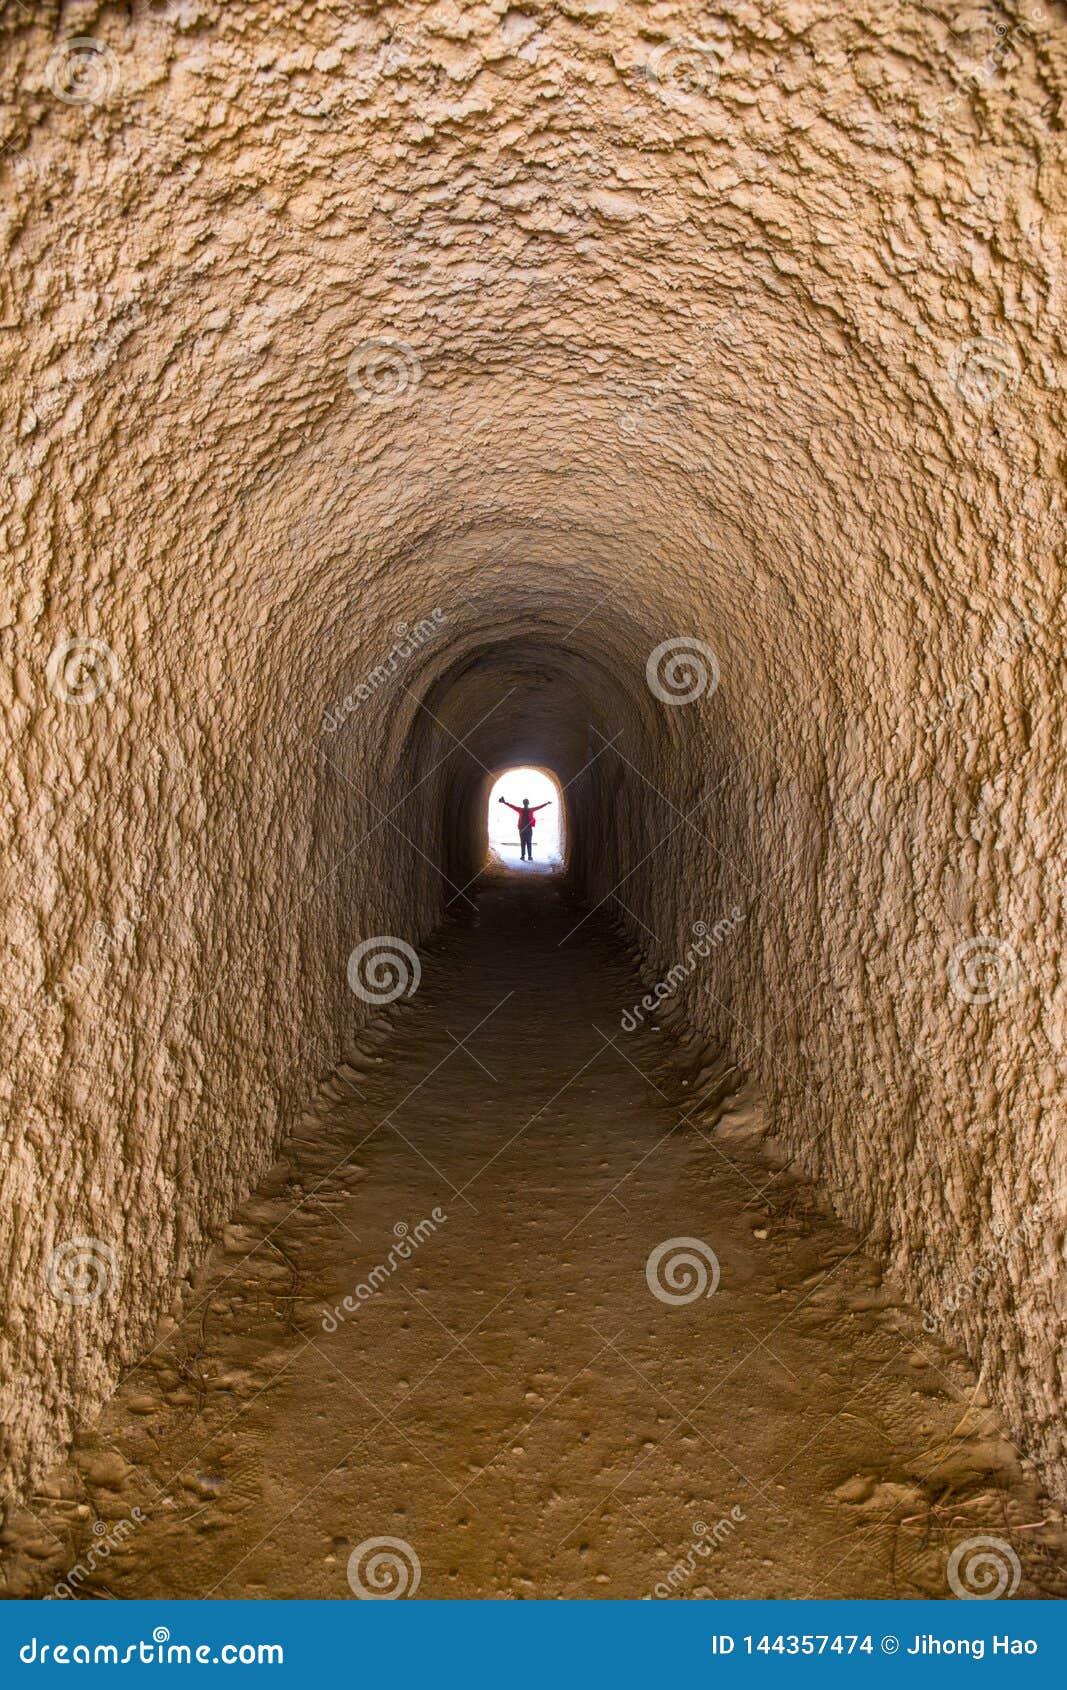 Ein Tunnel, der nur eine Person unterbringen kann, tief, mysteriös, unglaublich